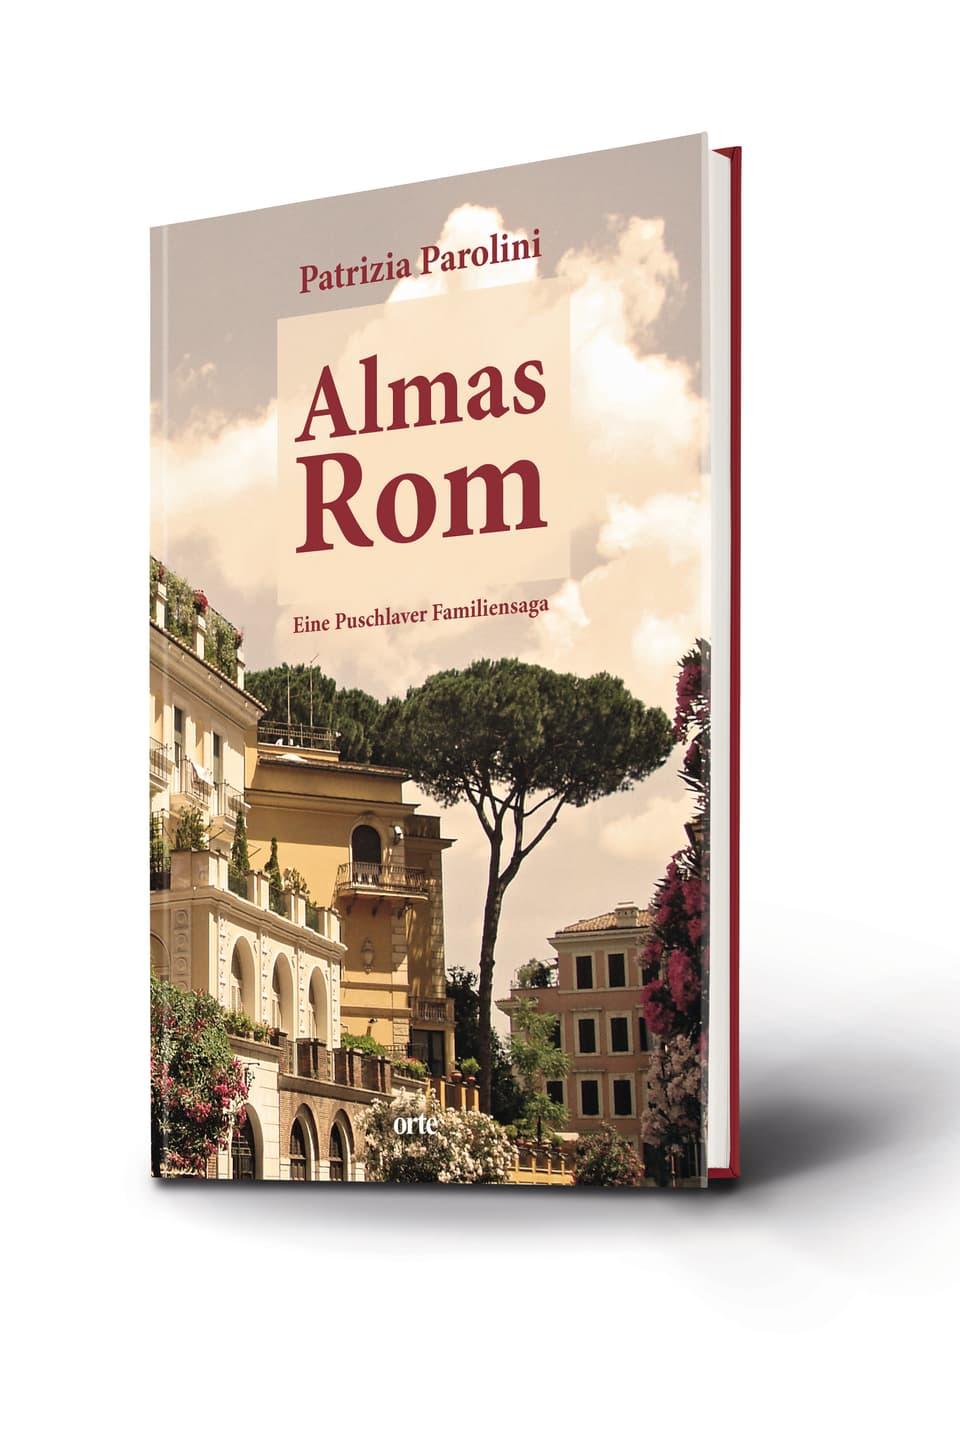 Almas Rom – ina saga da famiglia.